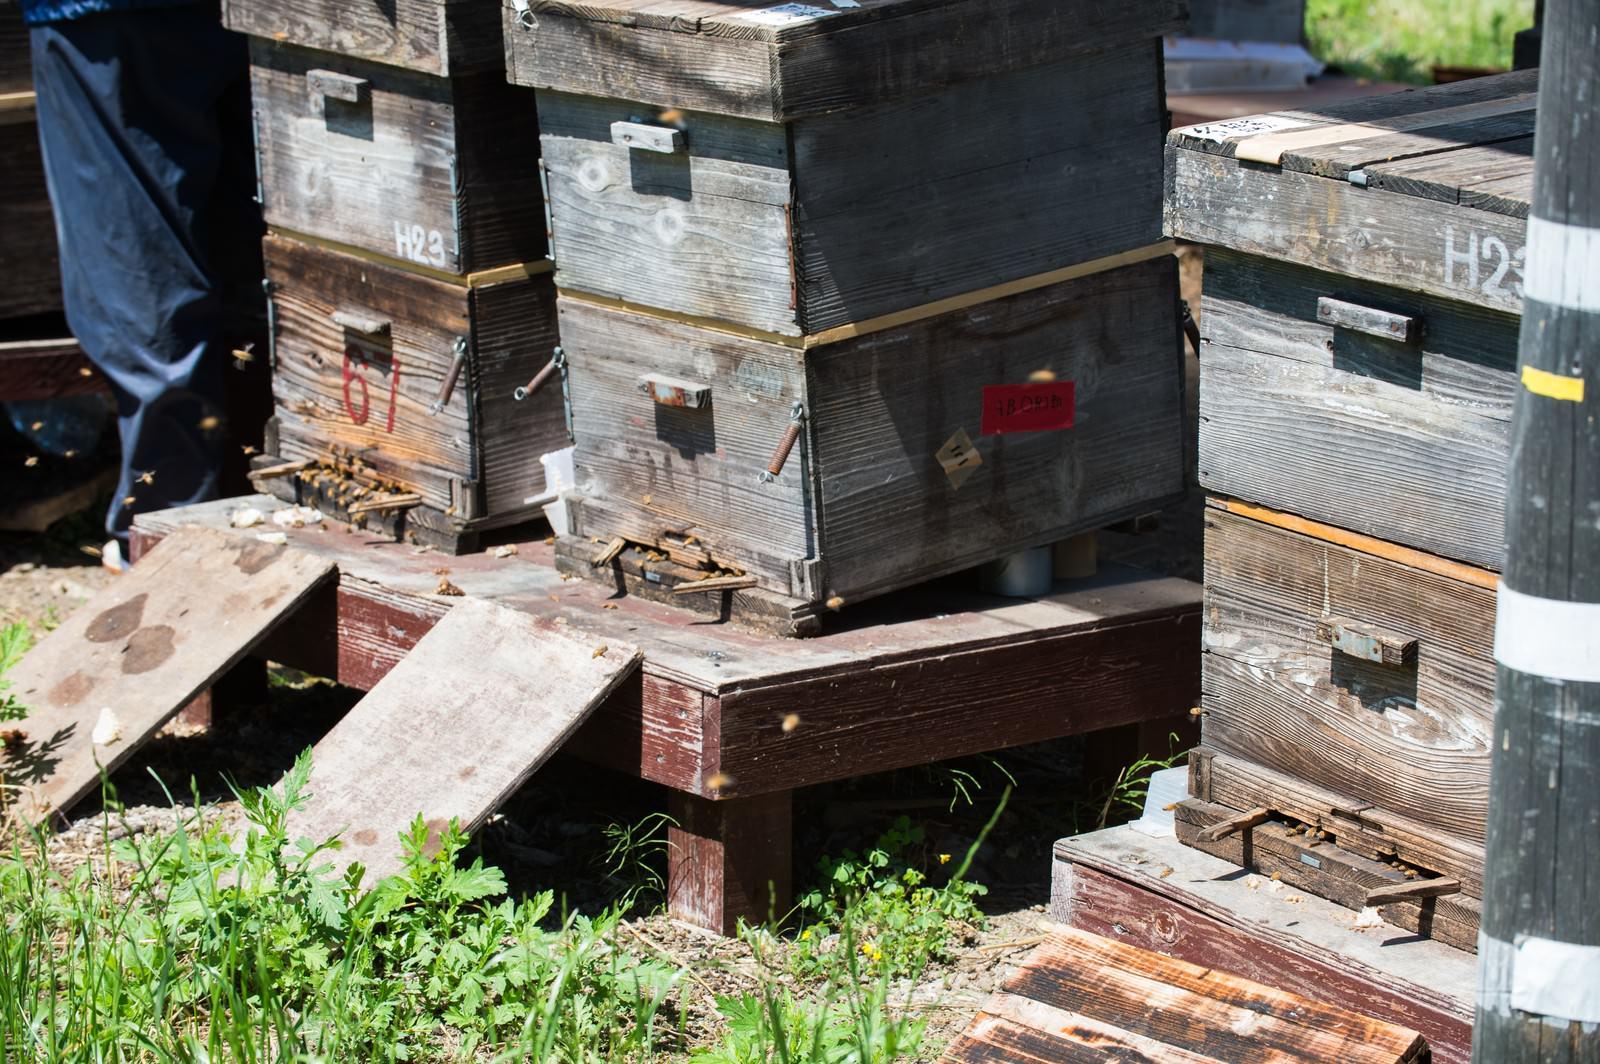 「傾斜角、方向、高さなど計算されたミツバチの巣箱」の写真